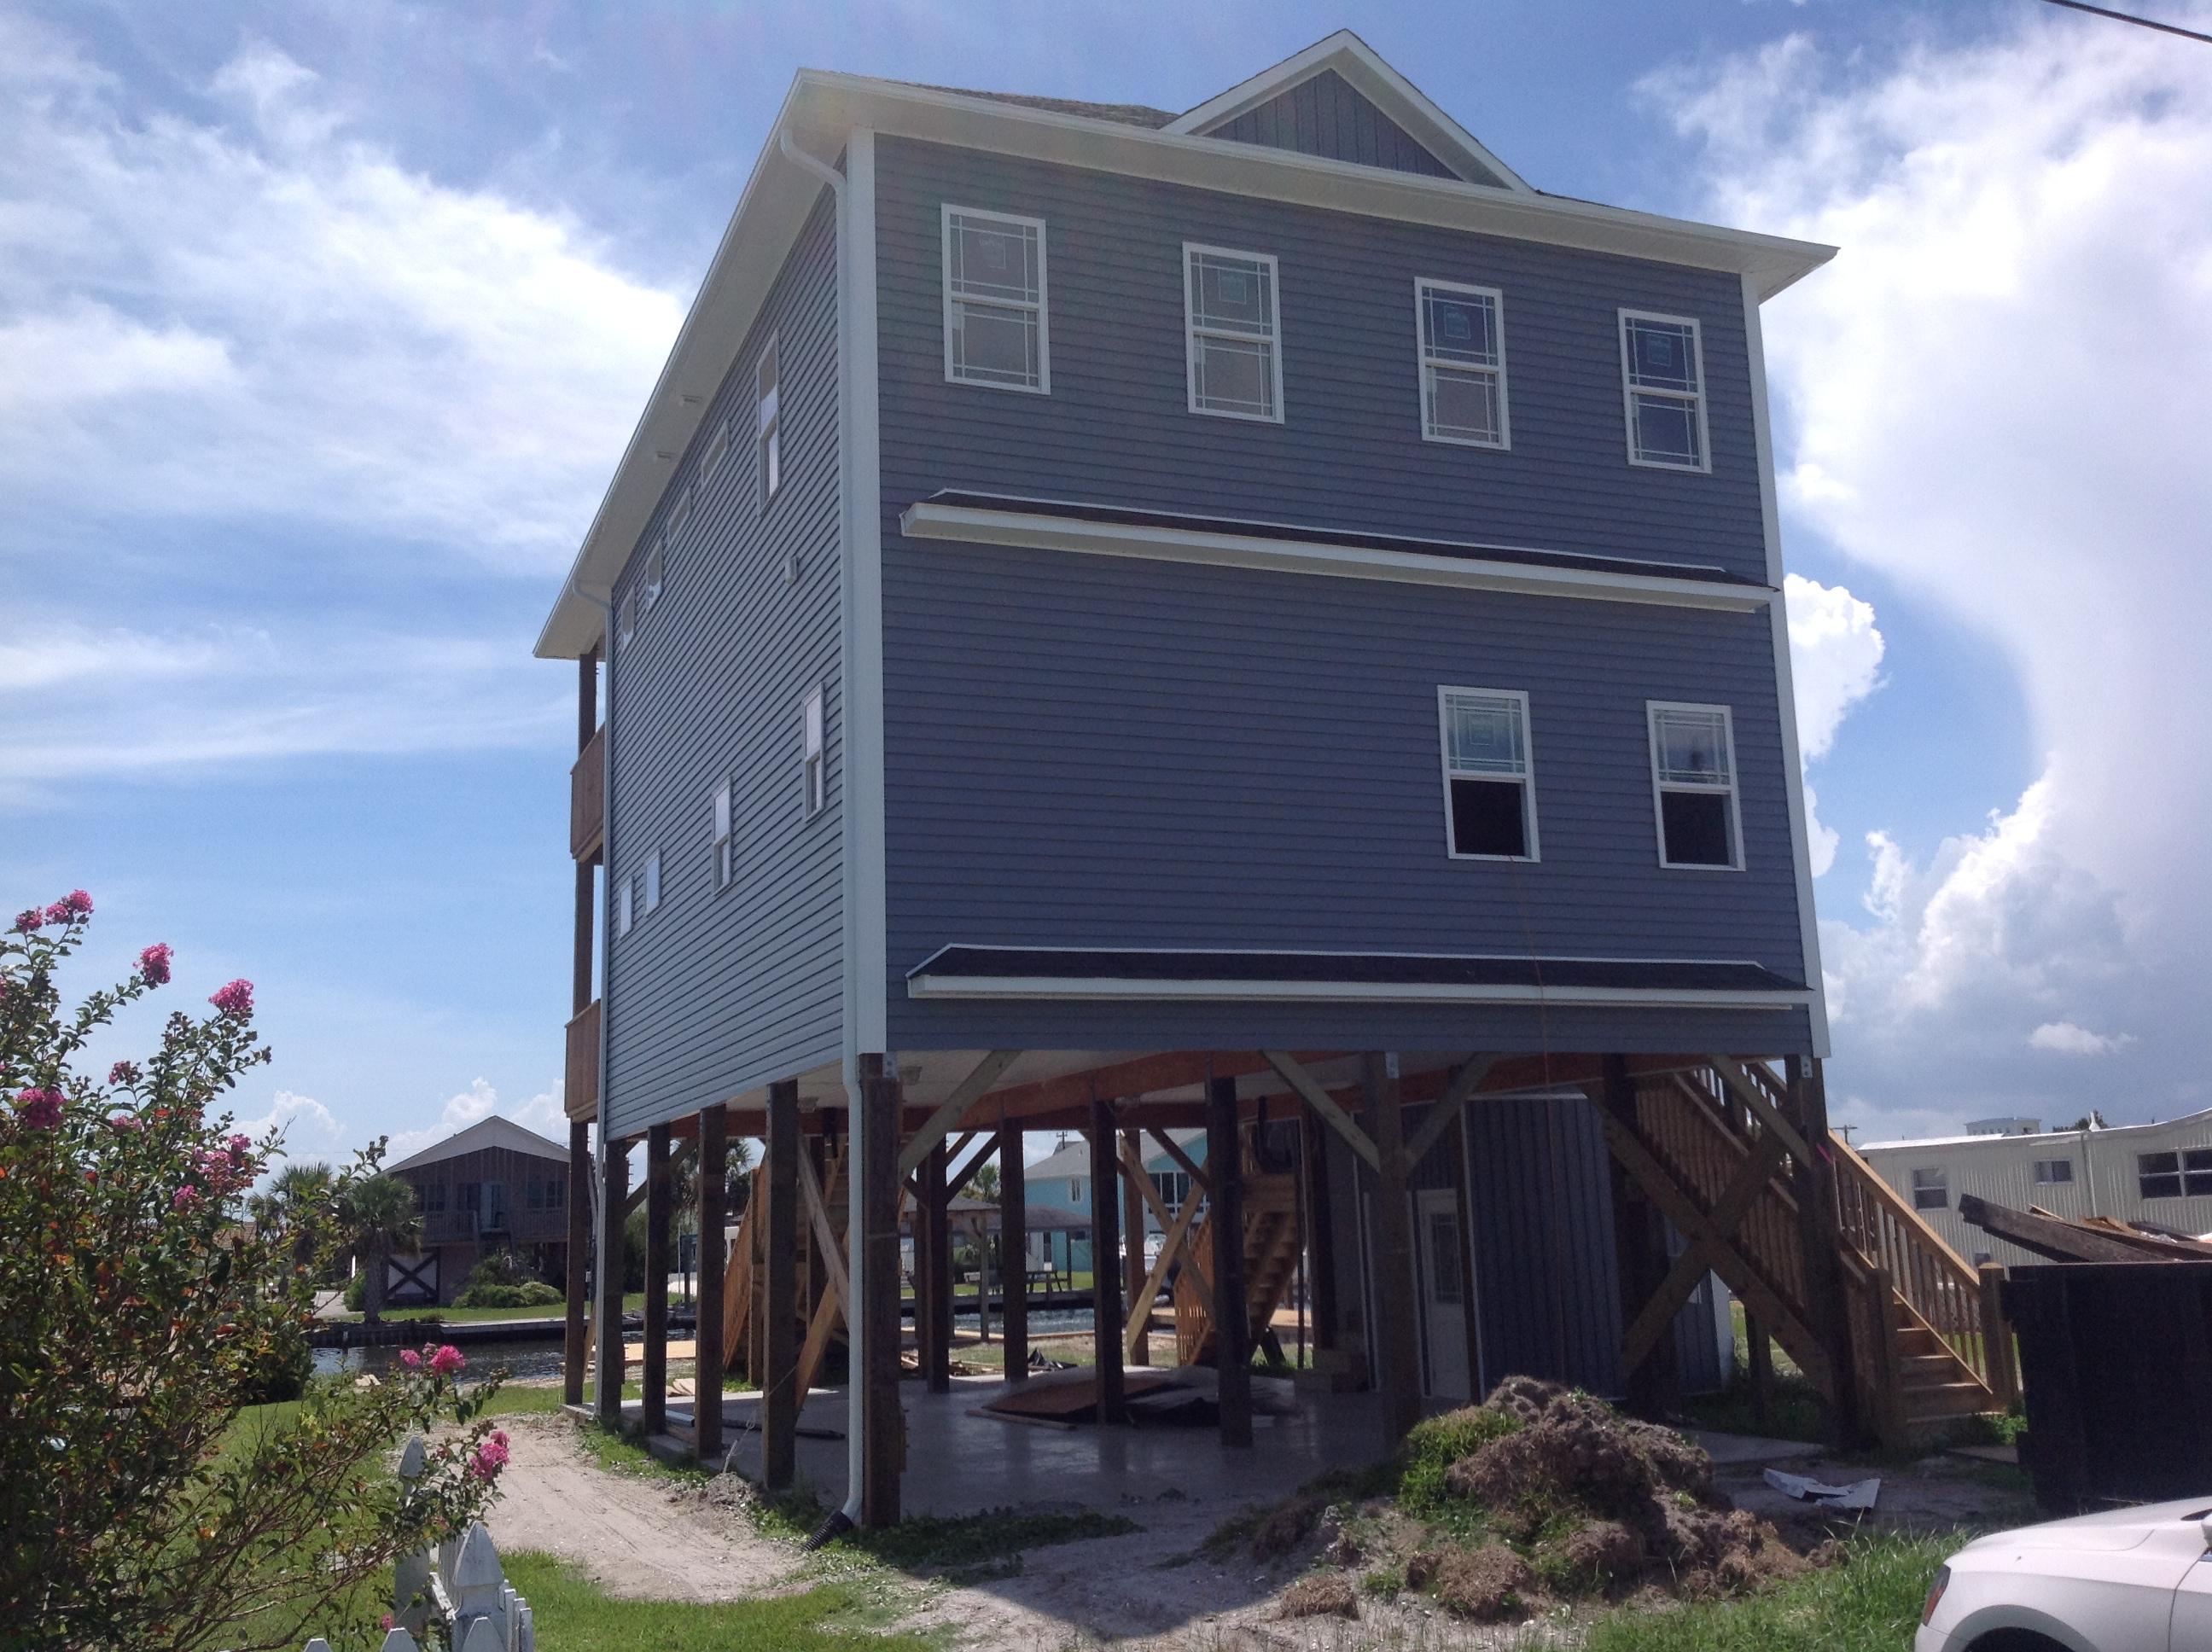 단독 가정 주택 용 매매 에 Canal front new home ready to be customized 7061 7th St Surf City, 노스캐놀라이나 28445 미국